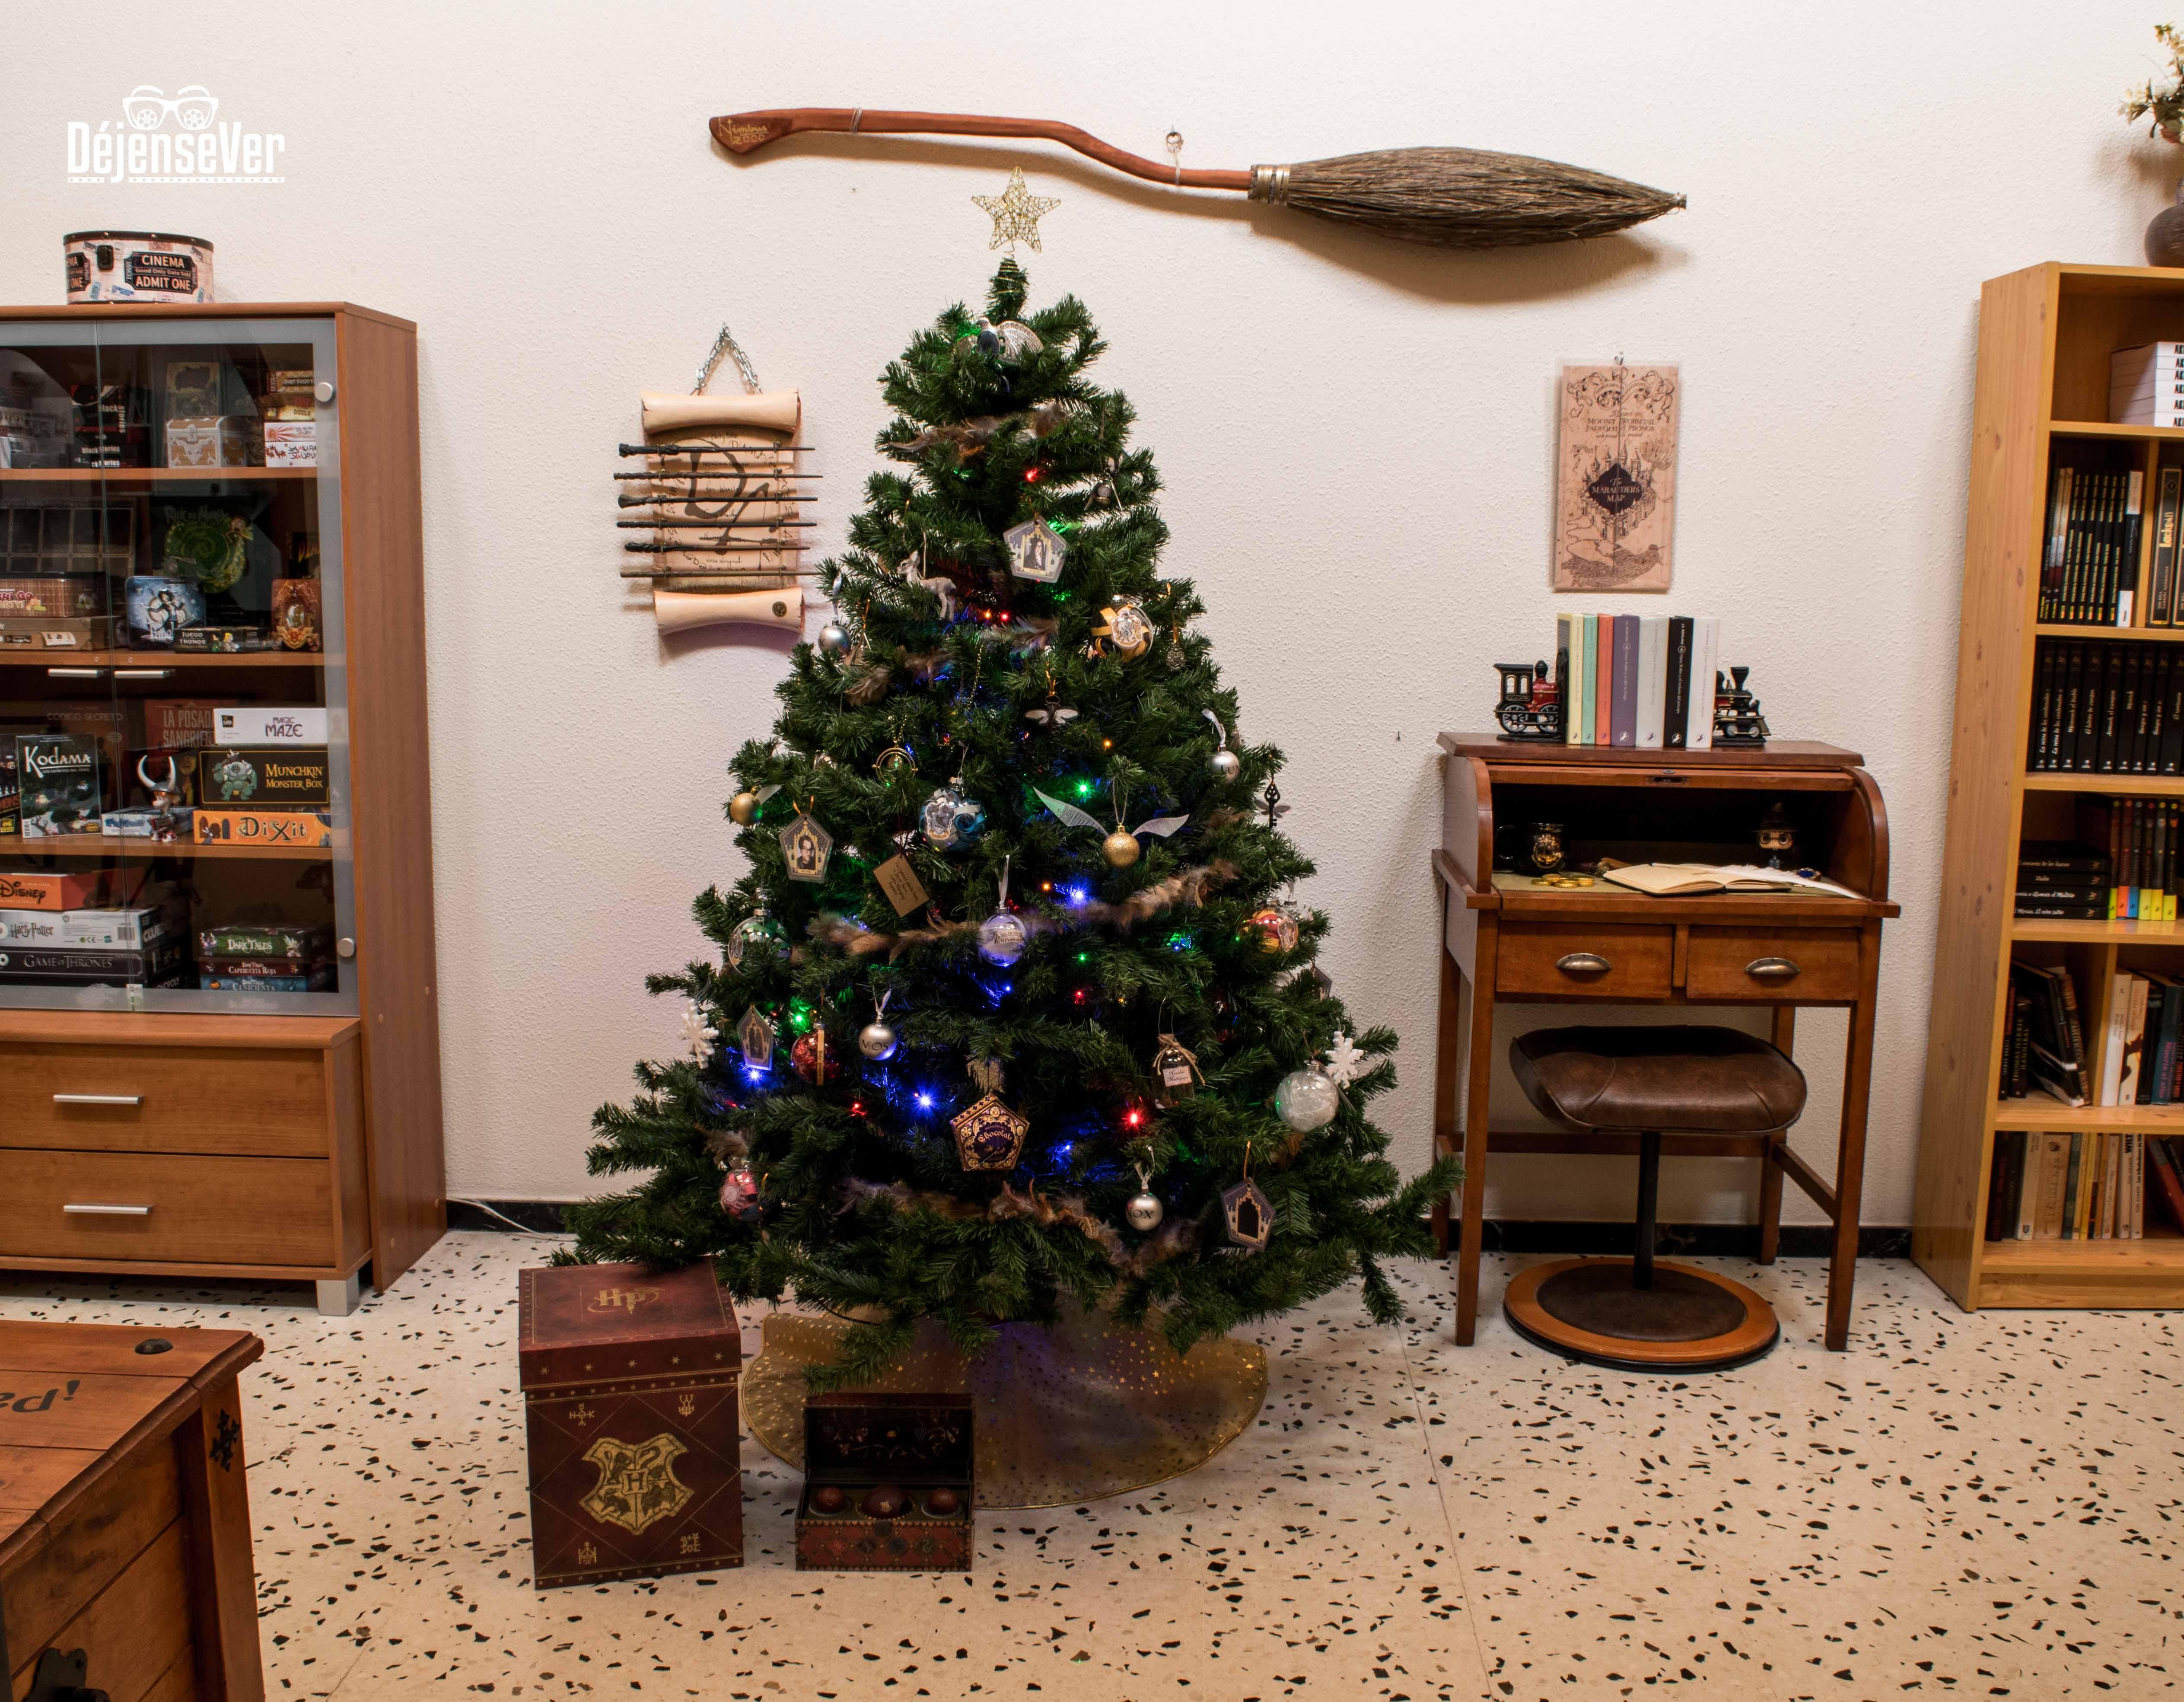 Llega la frikinavidad tem tica harry potter d jensever for Harry potter cuartos decoracion